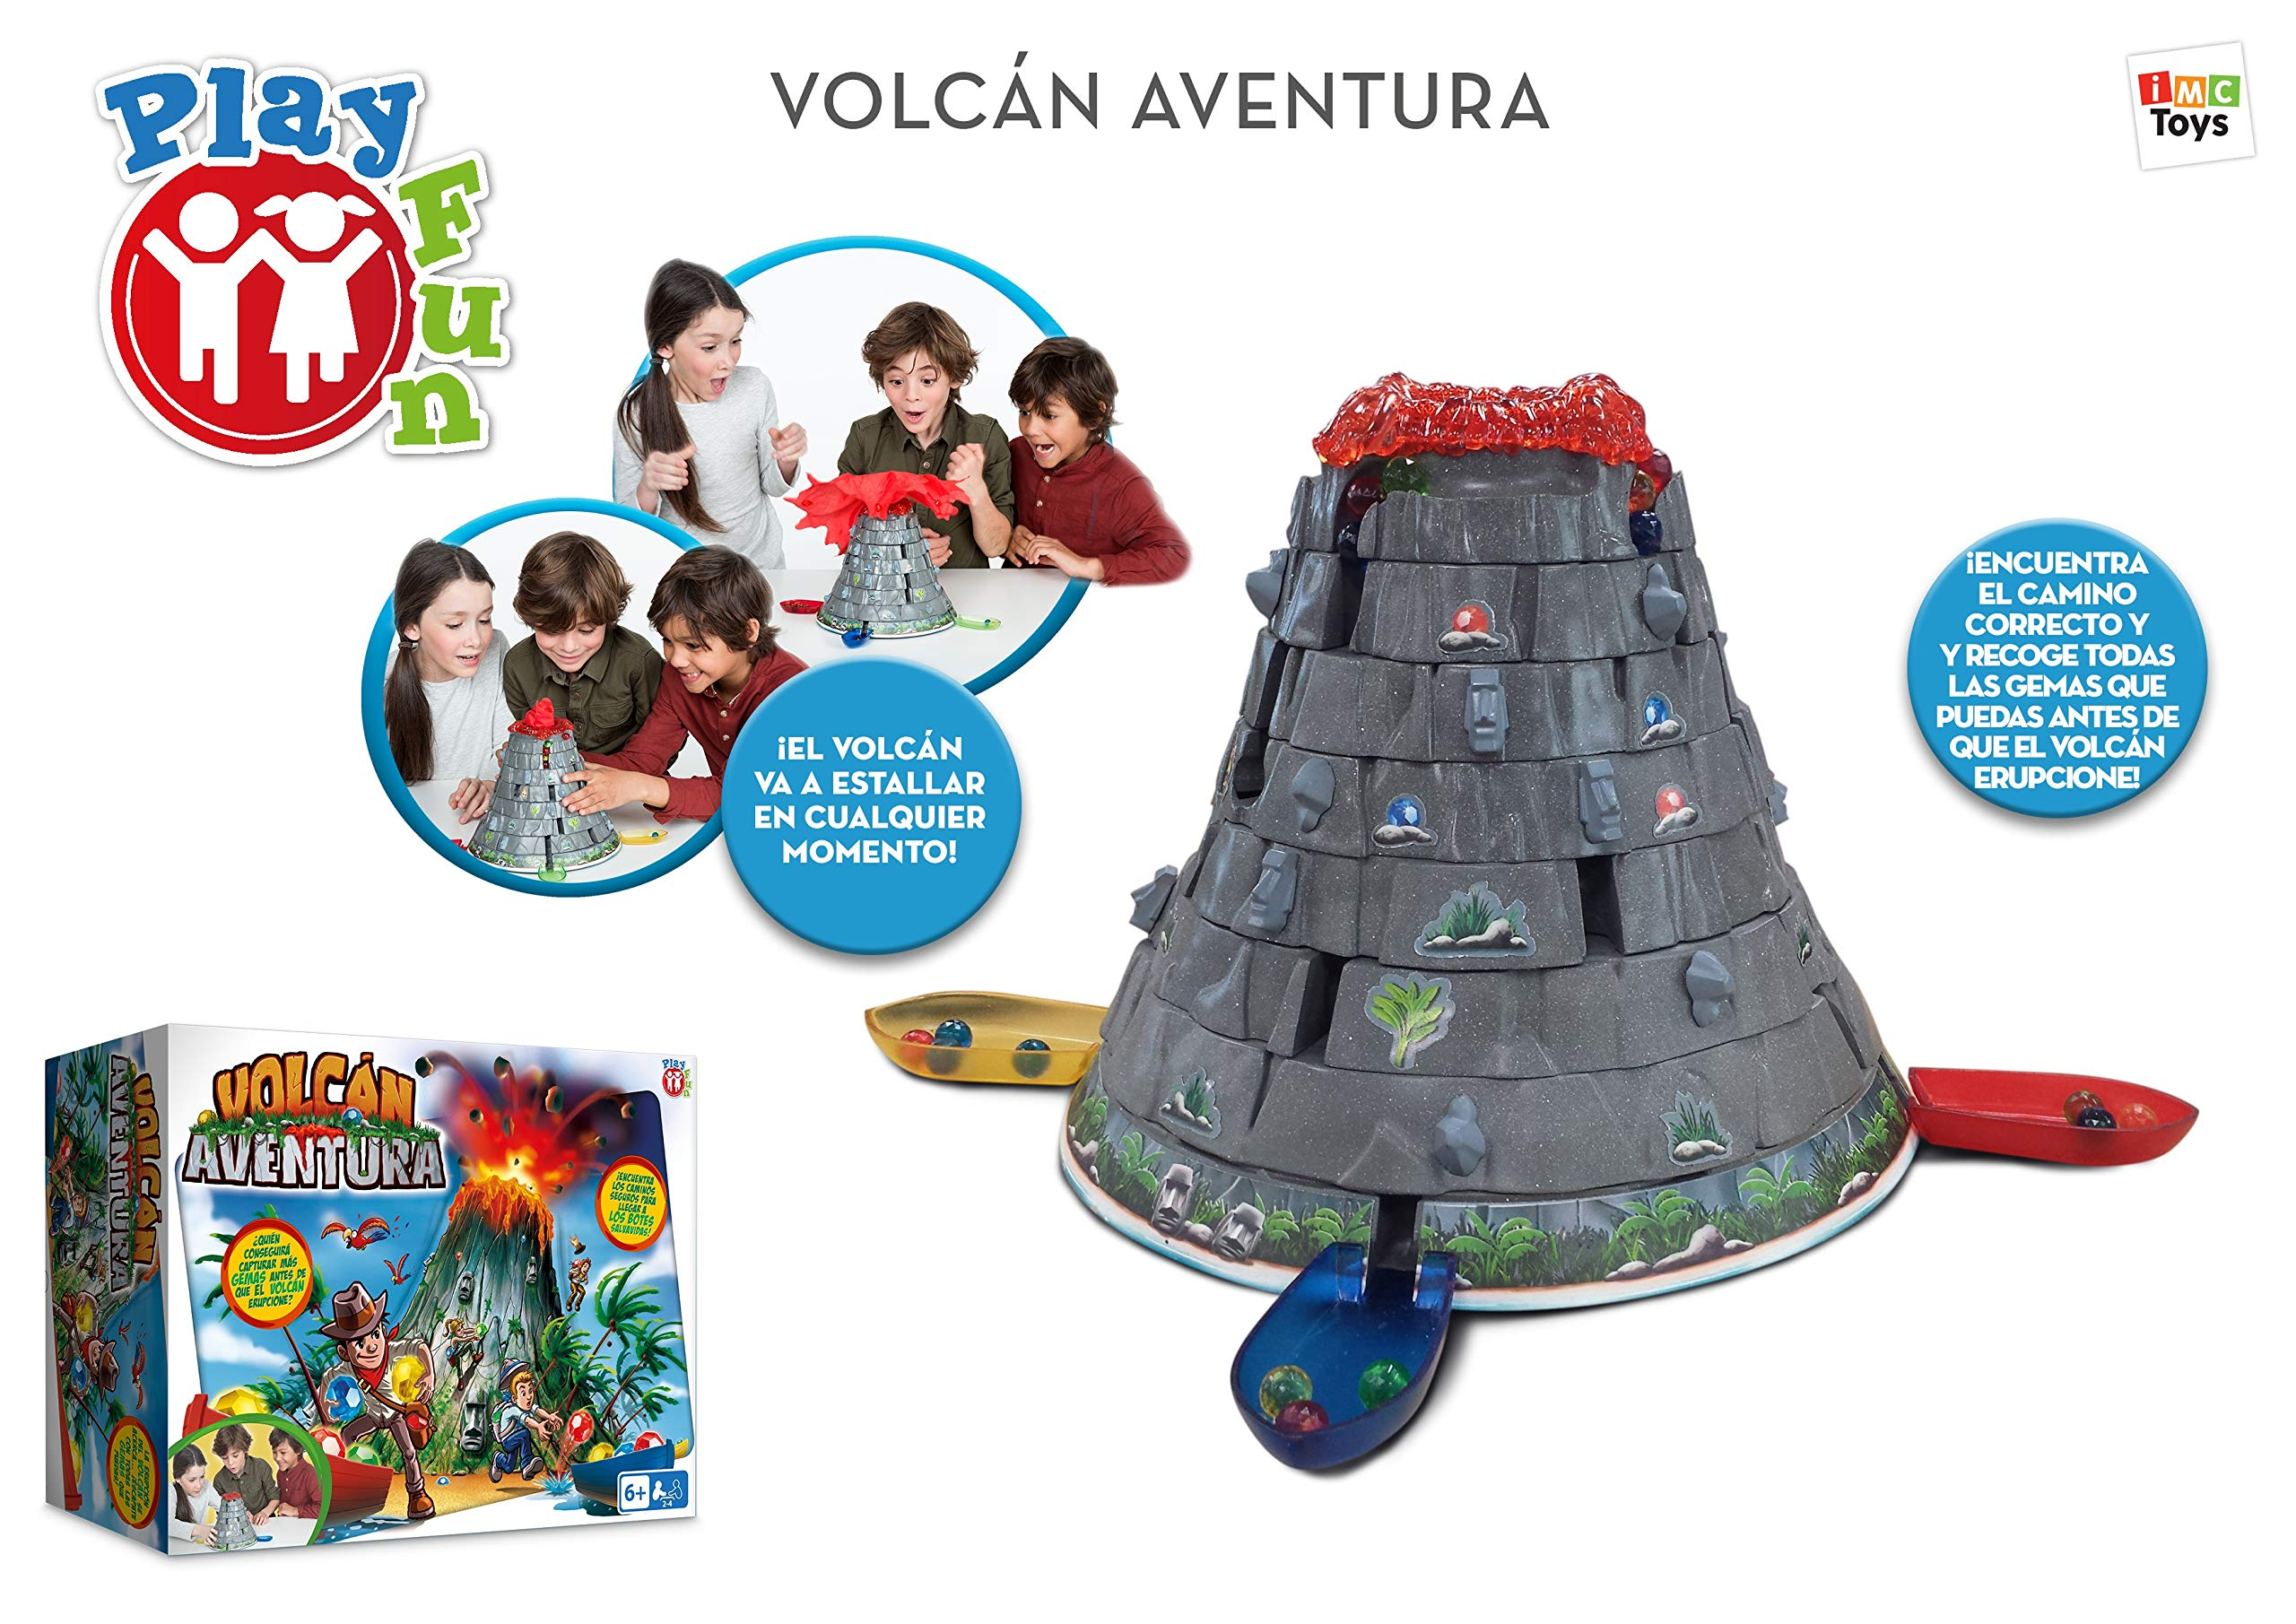 Comprar IMC Toys Escape desde Volcano Play Fun, 96738IMIT (Idioma Español)